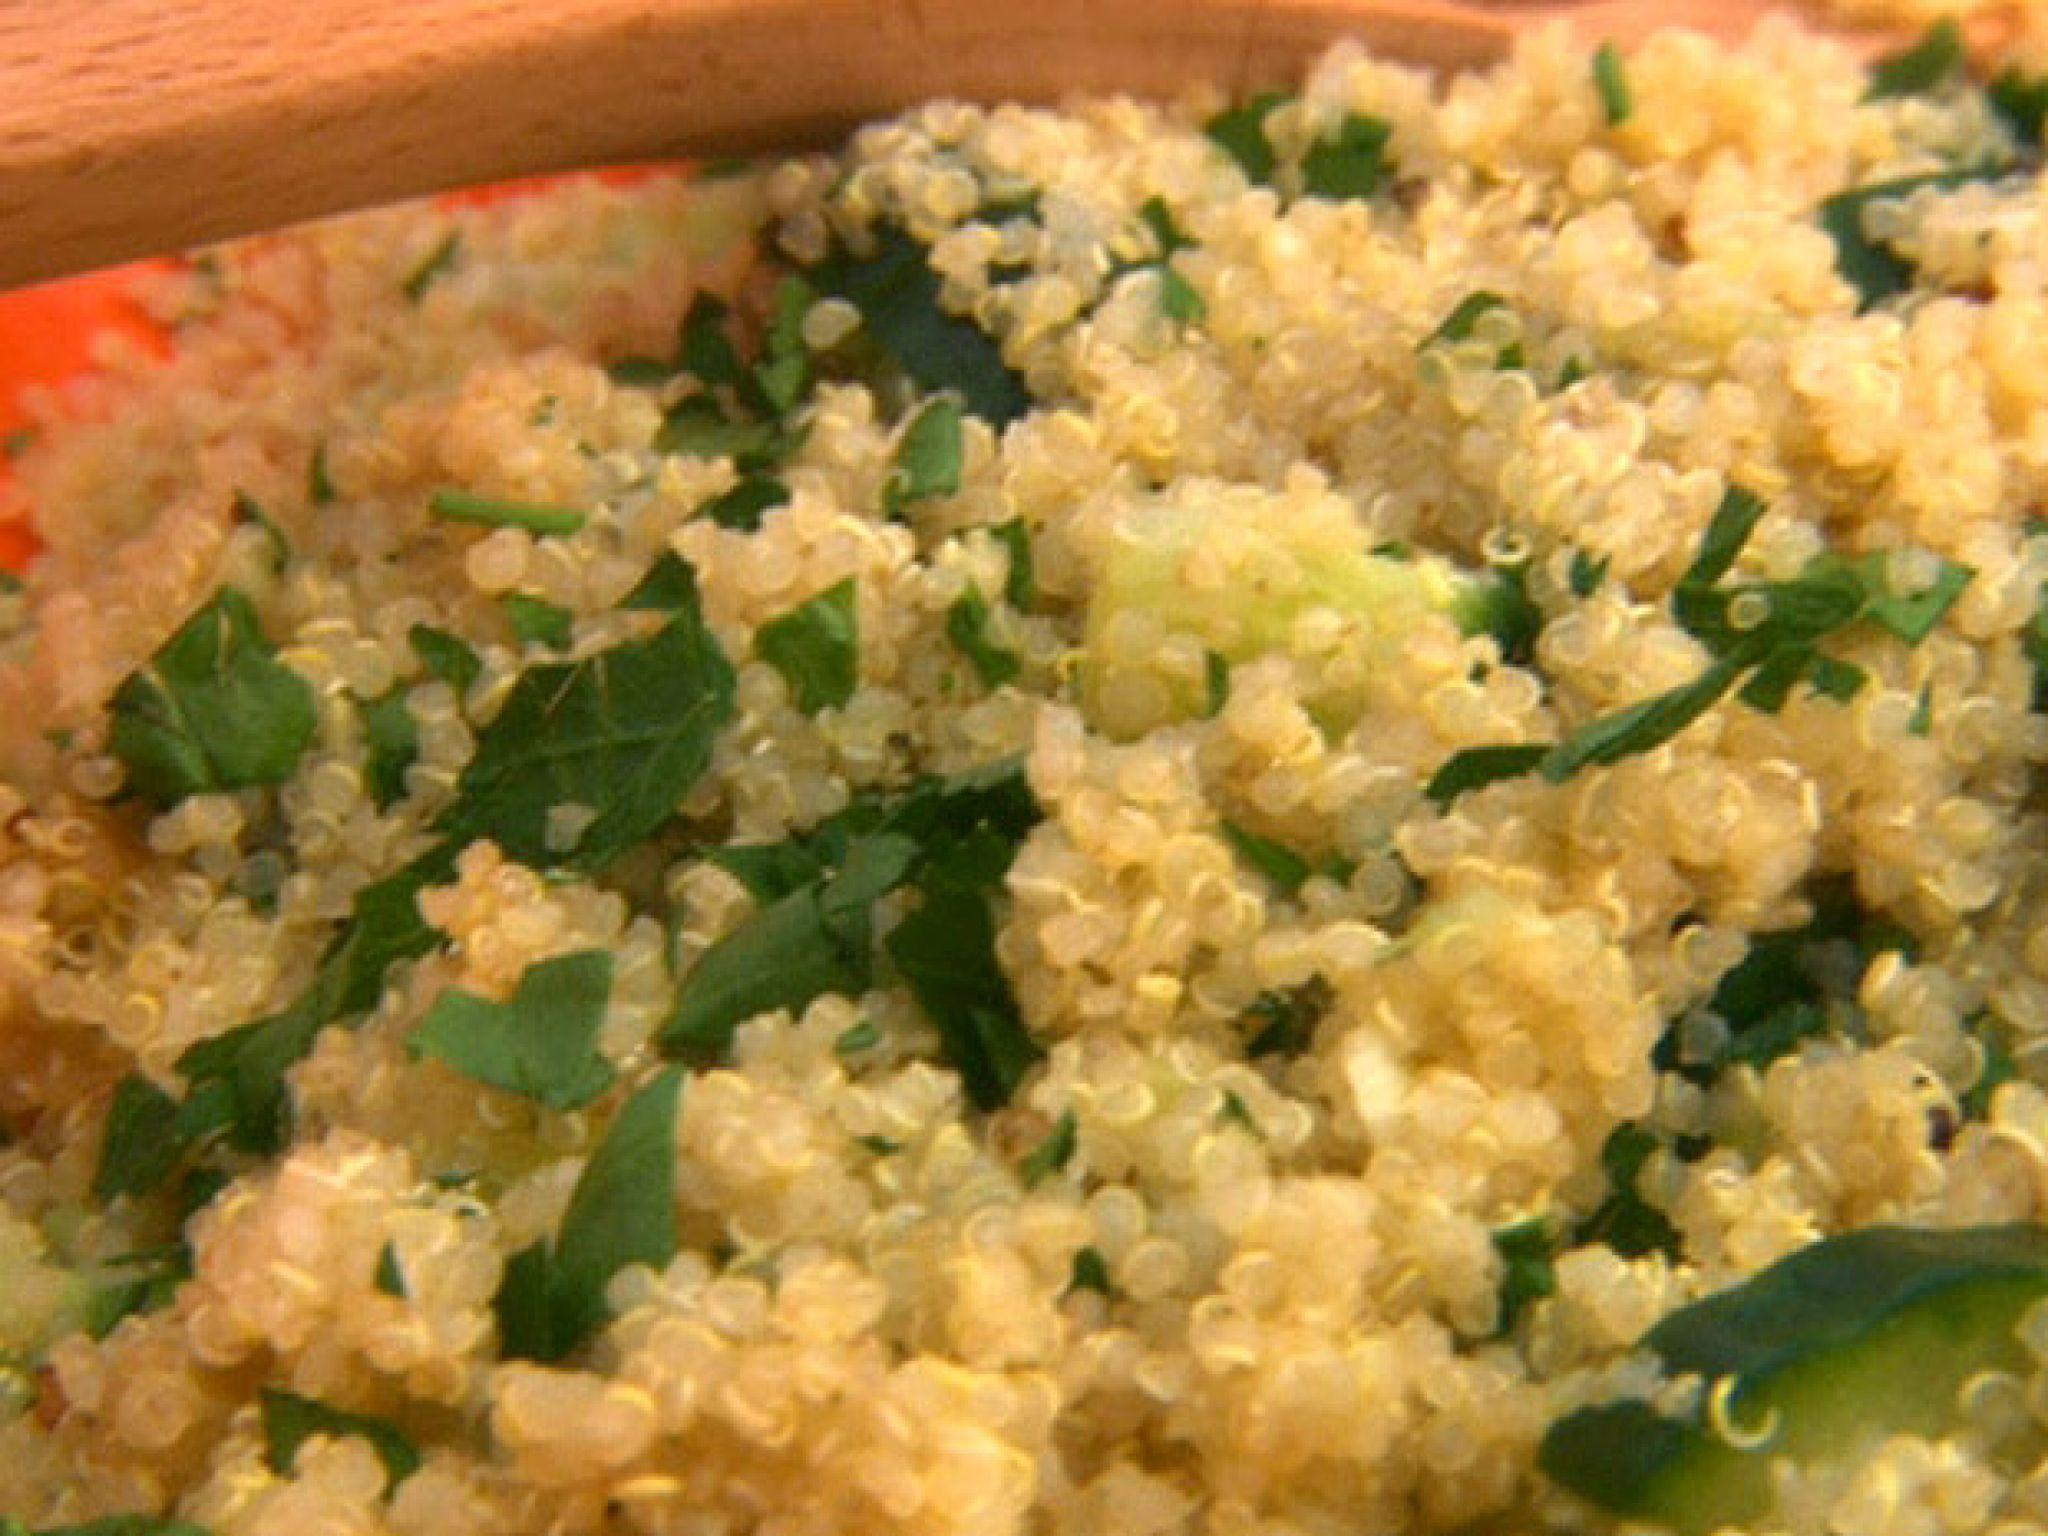 Golden sunshine quinoa salad recipe quinoa salad recipes quinoa golden sunshine quinoa salad recipe quinoa salad recipes quinoa salad and quinoa forumfinder Image collections